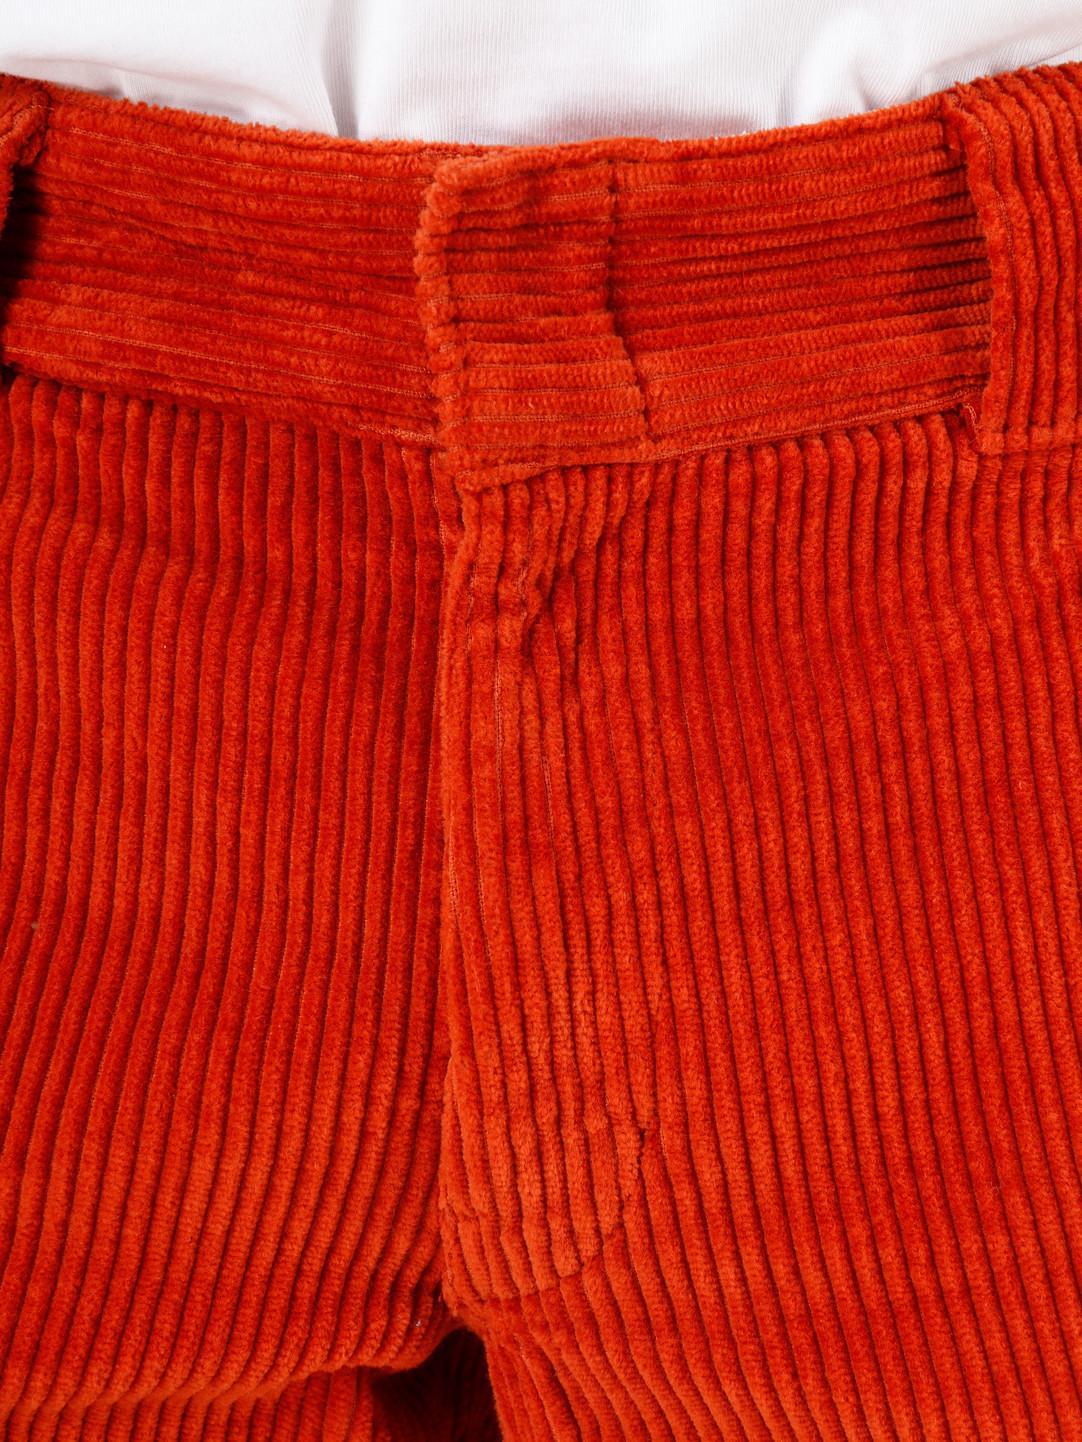 Dickies Dickies Cloverport Rust DK121178RUS1